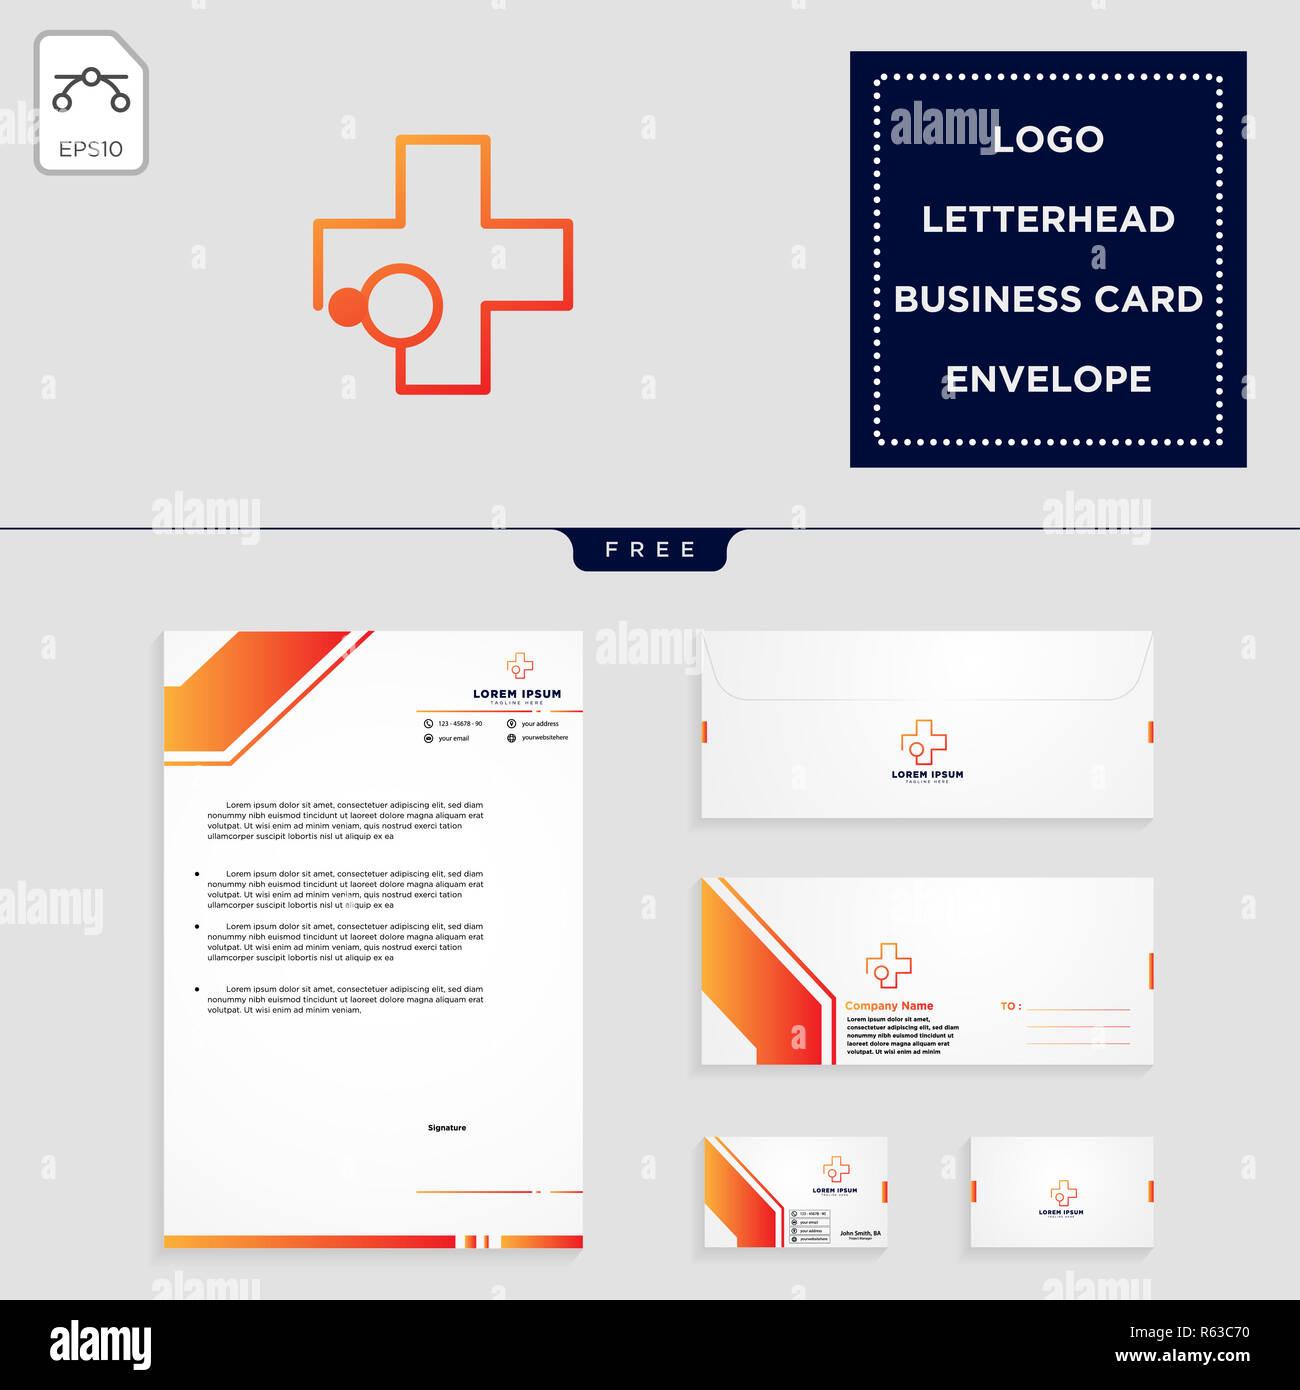 Croix Medicale Modele Logo Vector Illustration Et Une En Tete Enveloppe Carte De Visite Design